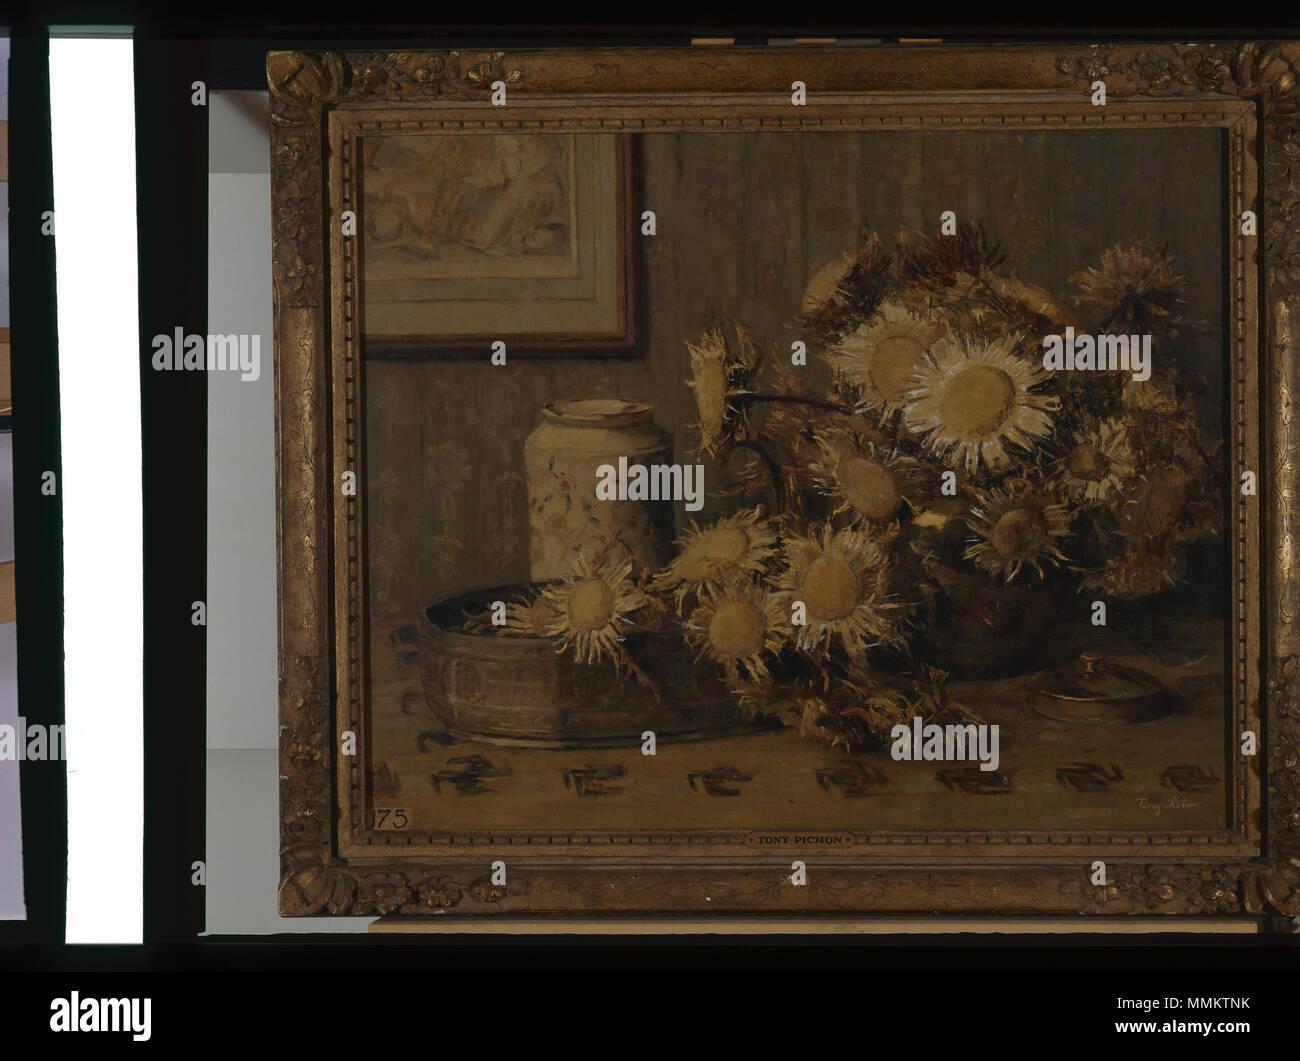 - Tony Chardons Pichon - Musée d'art et d'histoire de Saint-Brieuc, DOC 175 Foto de stock